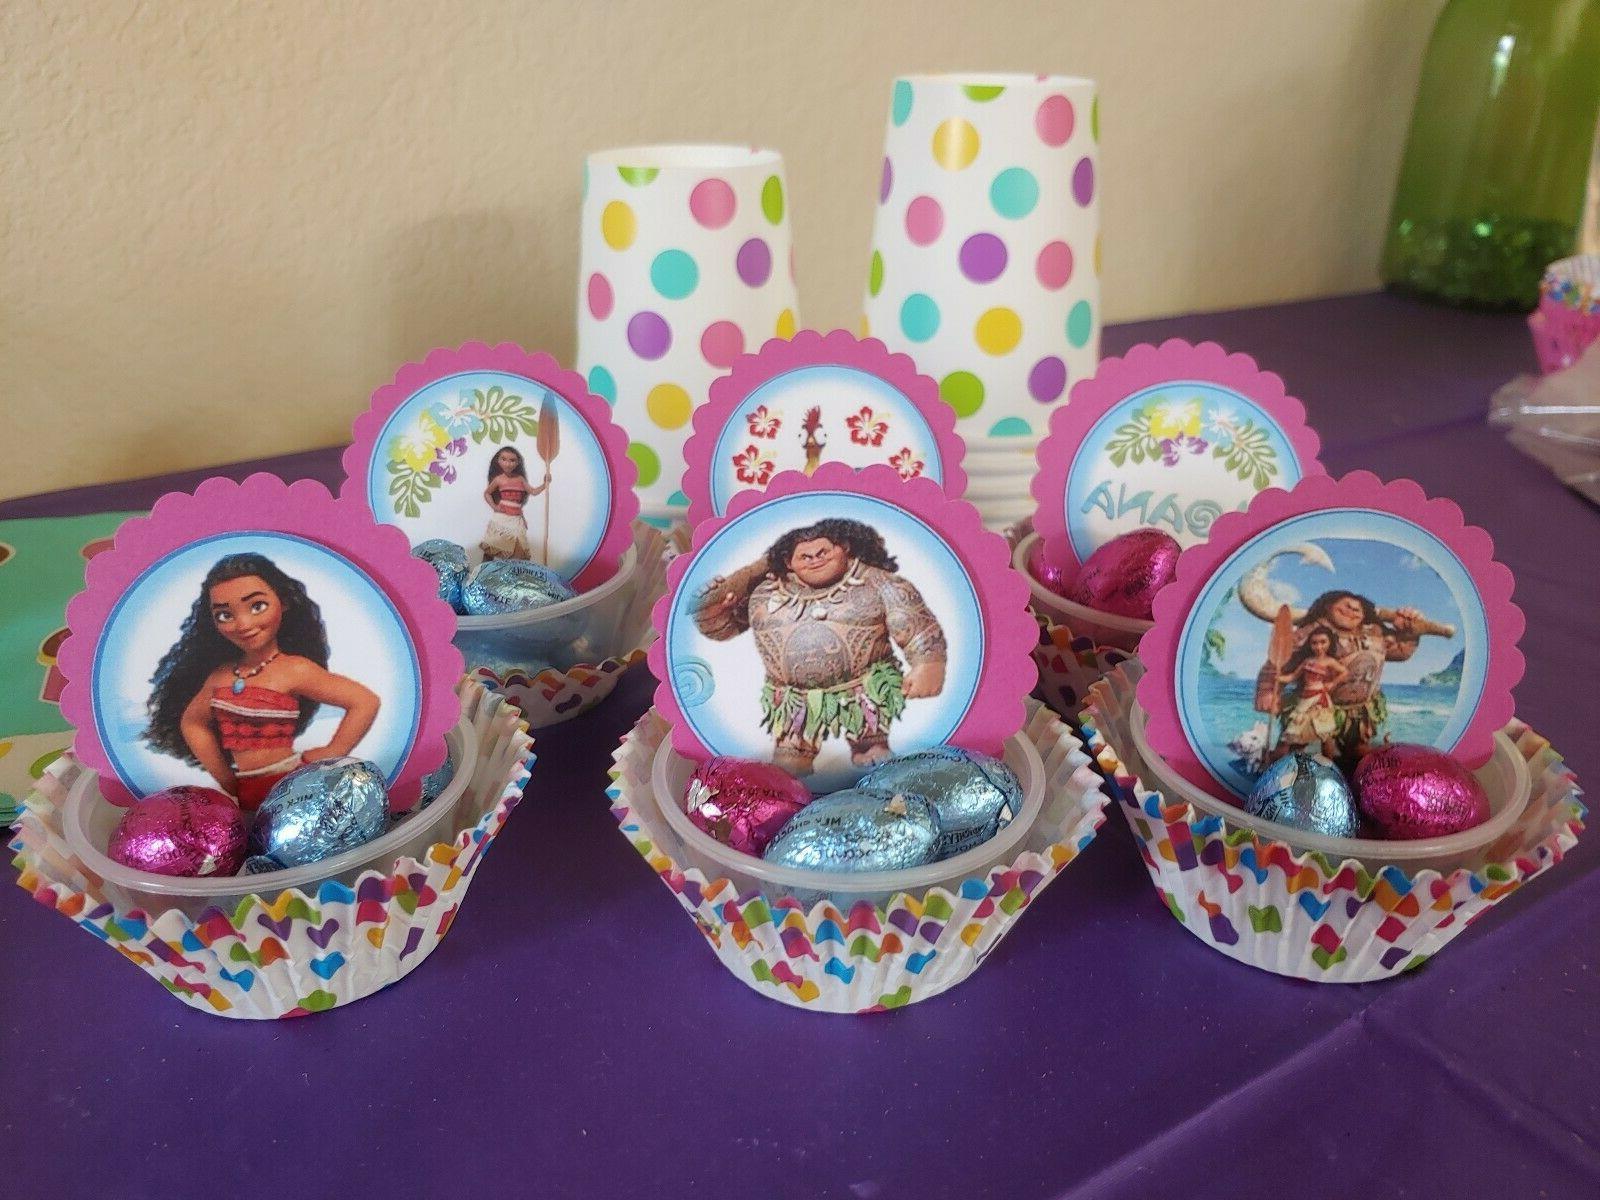 Moana cupcake round, party, Moana movie